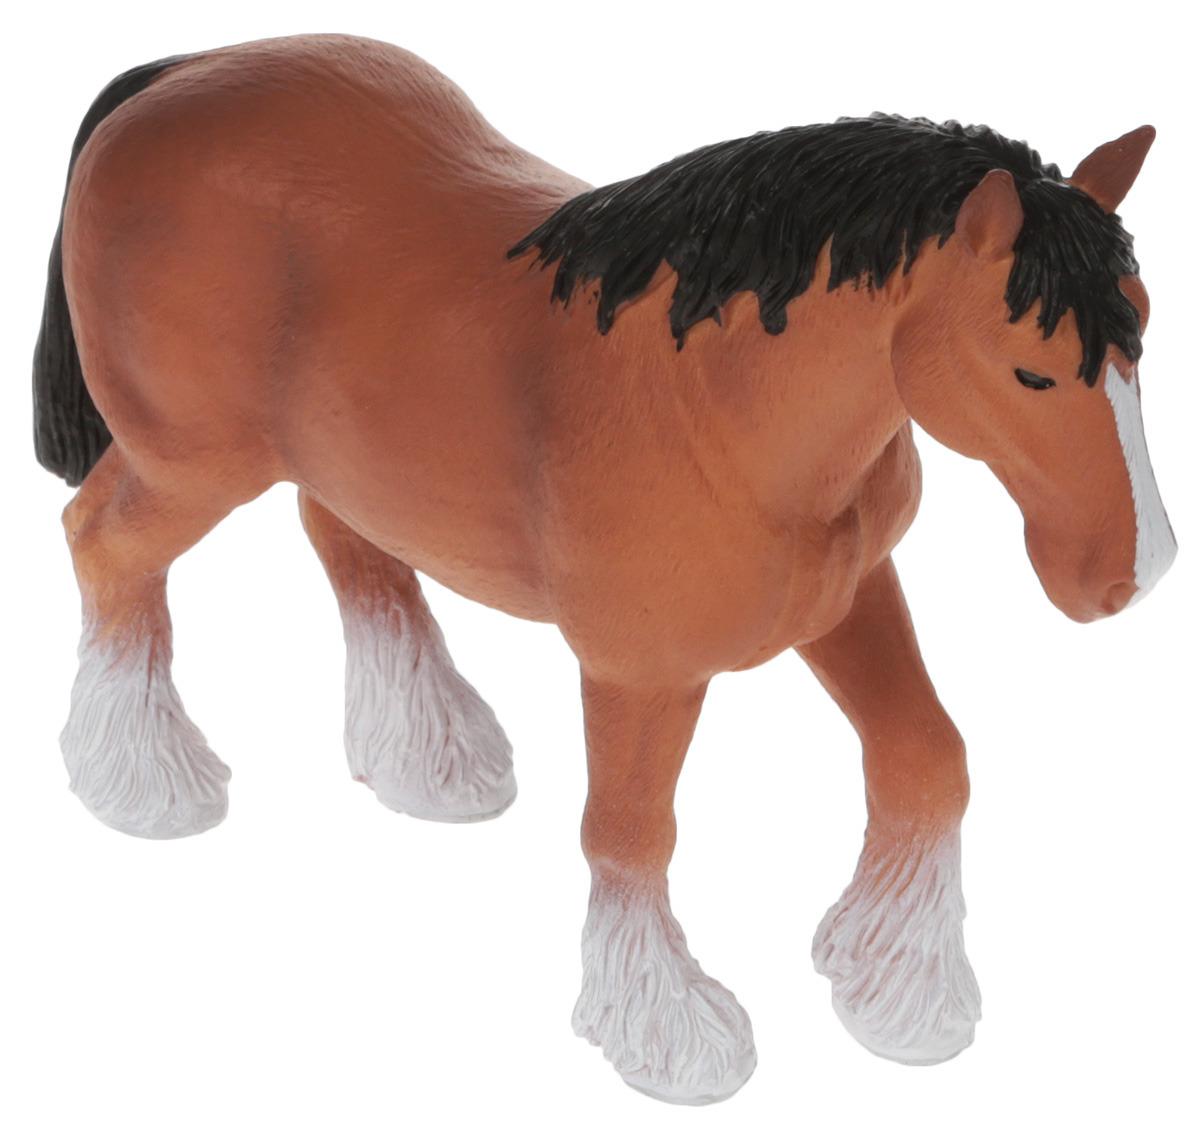 Mojo Фигурка Лошадь Клейдесдаль387070Клейдесдальские лошади большие и сильные, у них большие уши и короткая шея. У этих лошадей дружелюбный характер, они очень трудолюбивые. У этих лошадей очень большие копыта. Длина их подковы с одного конца до другого составляет целых 5 сантиметров. Подковать такую лошадь - непростая задача для кузнеца, ведь их подковы могут весить до 2.5 кг, что в 4-5 раз превышает вес подковы породистой лошади. Несмотря на то, что клейдесдальские лошади коренастые и довольно тяжелые, они могут двигаться плавно и элегантно. Эти лошади знамениты своим аллюром: во время него они поднимают свои прекрасные белые ноги очень высоко и с большой силой. По этой причине клейдесдальские лошади часто используются в различных шествиях на праздниках.Фигурка Mojo займет достойное место в коллекции любого ценителя красивых и качественных игрушек.Фигурки Mojo познакомят детей с окружающим миром, развивают творческие способности и расширяют возможности ролевых игр. Все фигурки выполнены из высококачественных материалов с максимальной точностью и раскрашены вручную.